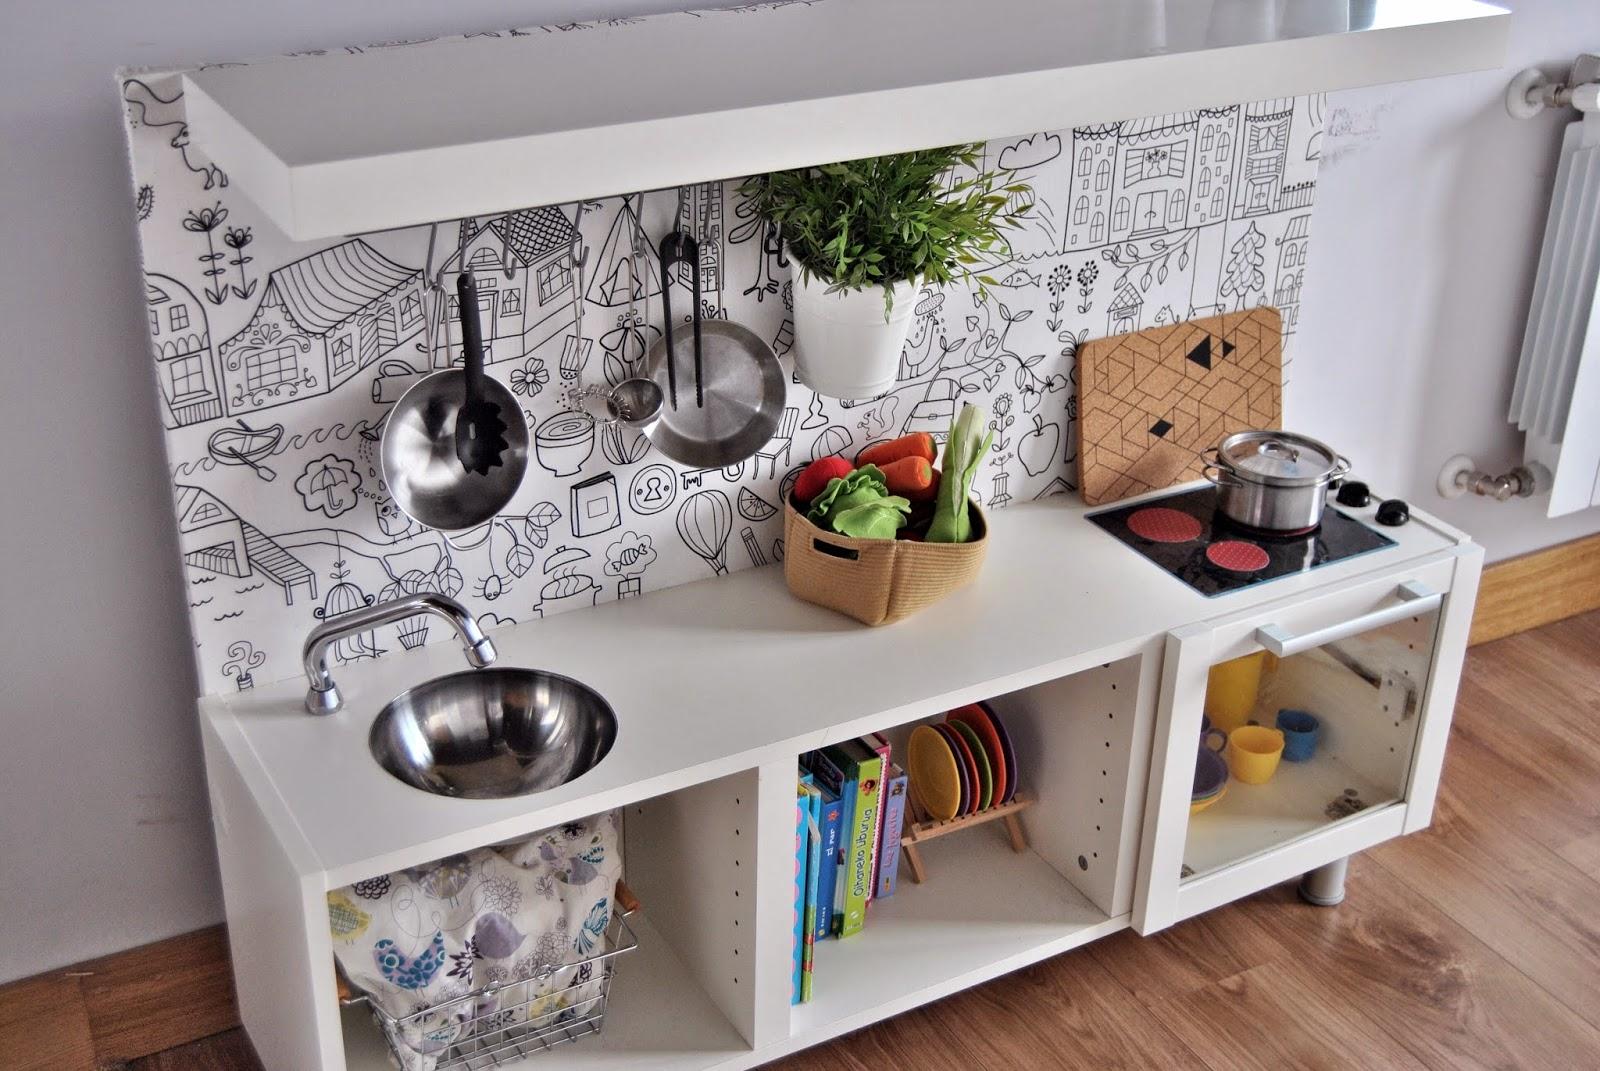 Cocina cocina ikea ni os segunda mano decoraci n de - Cocinita segunda mano ...